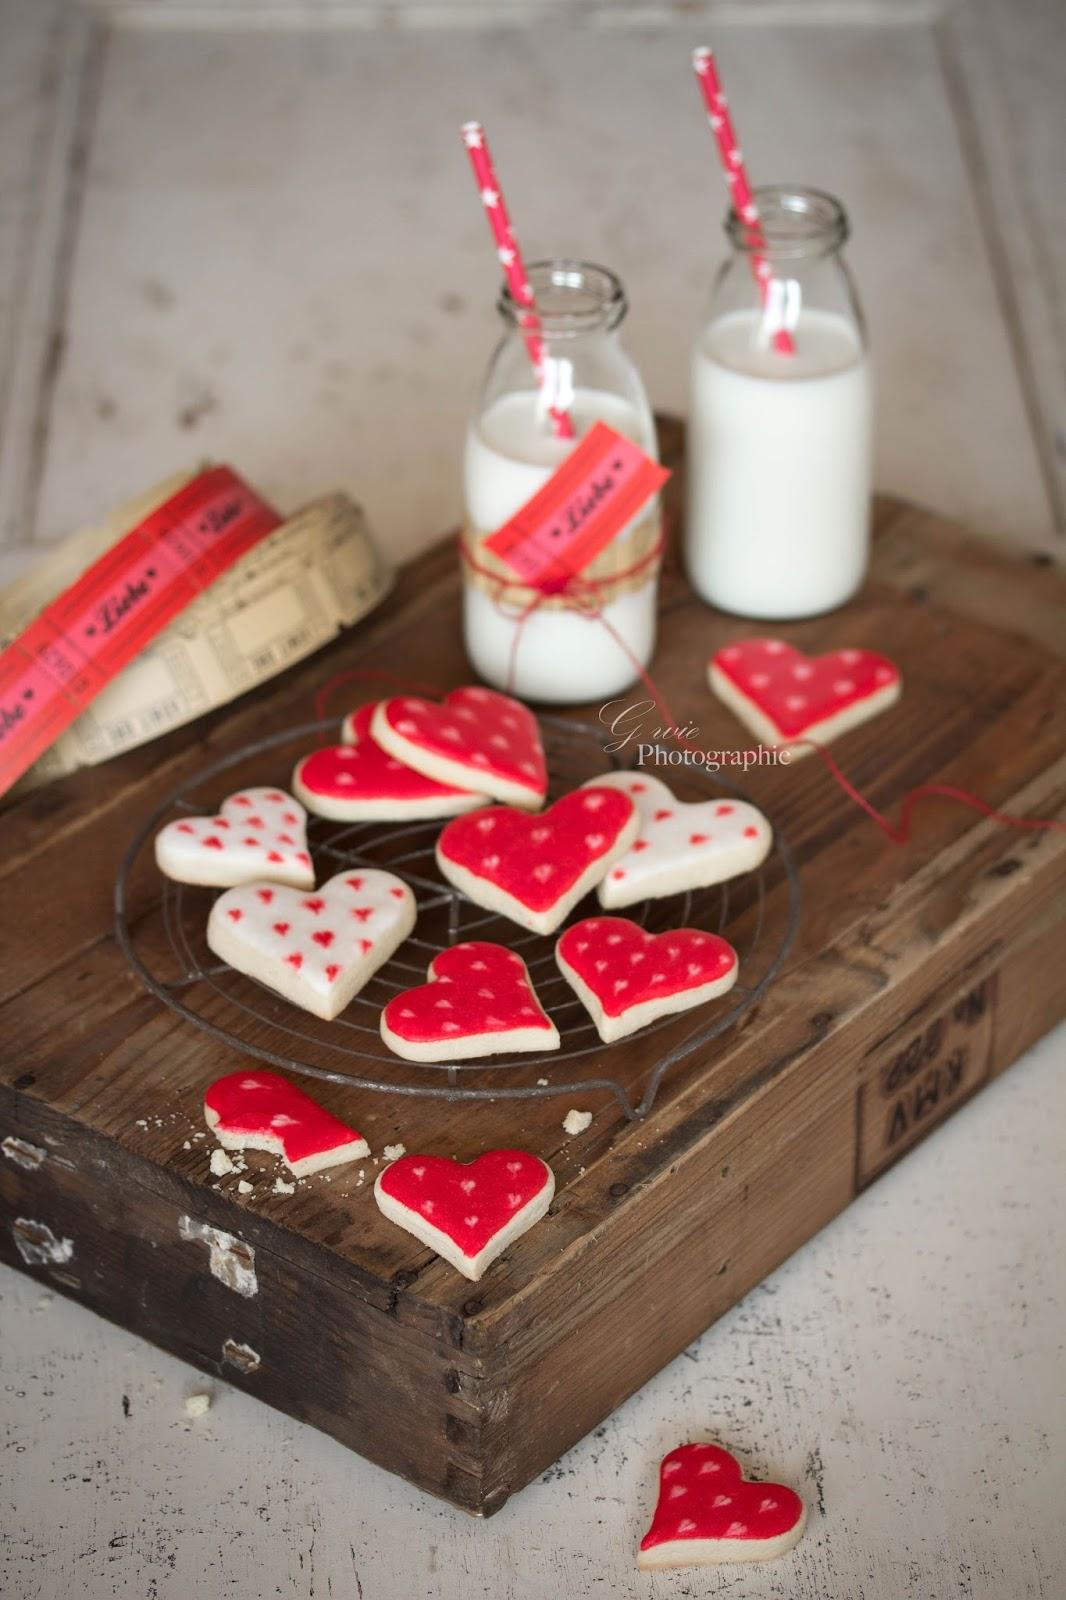 herzkekse, kekes zum valentinstag, valentinstag, valentine's day, love, liebe